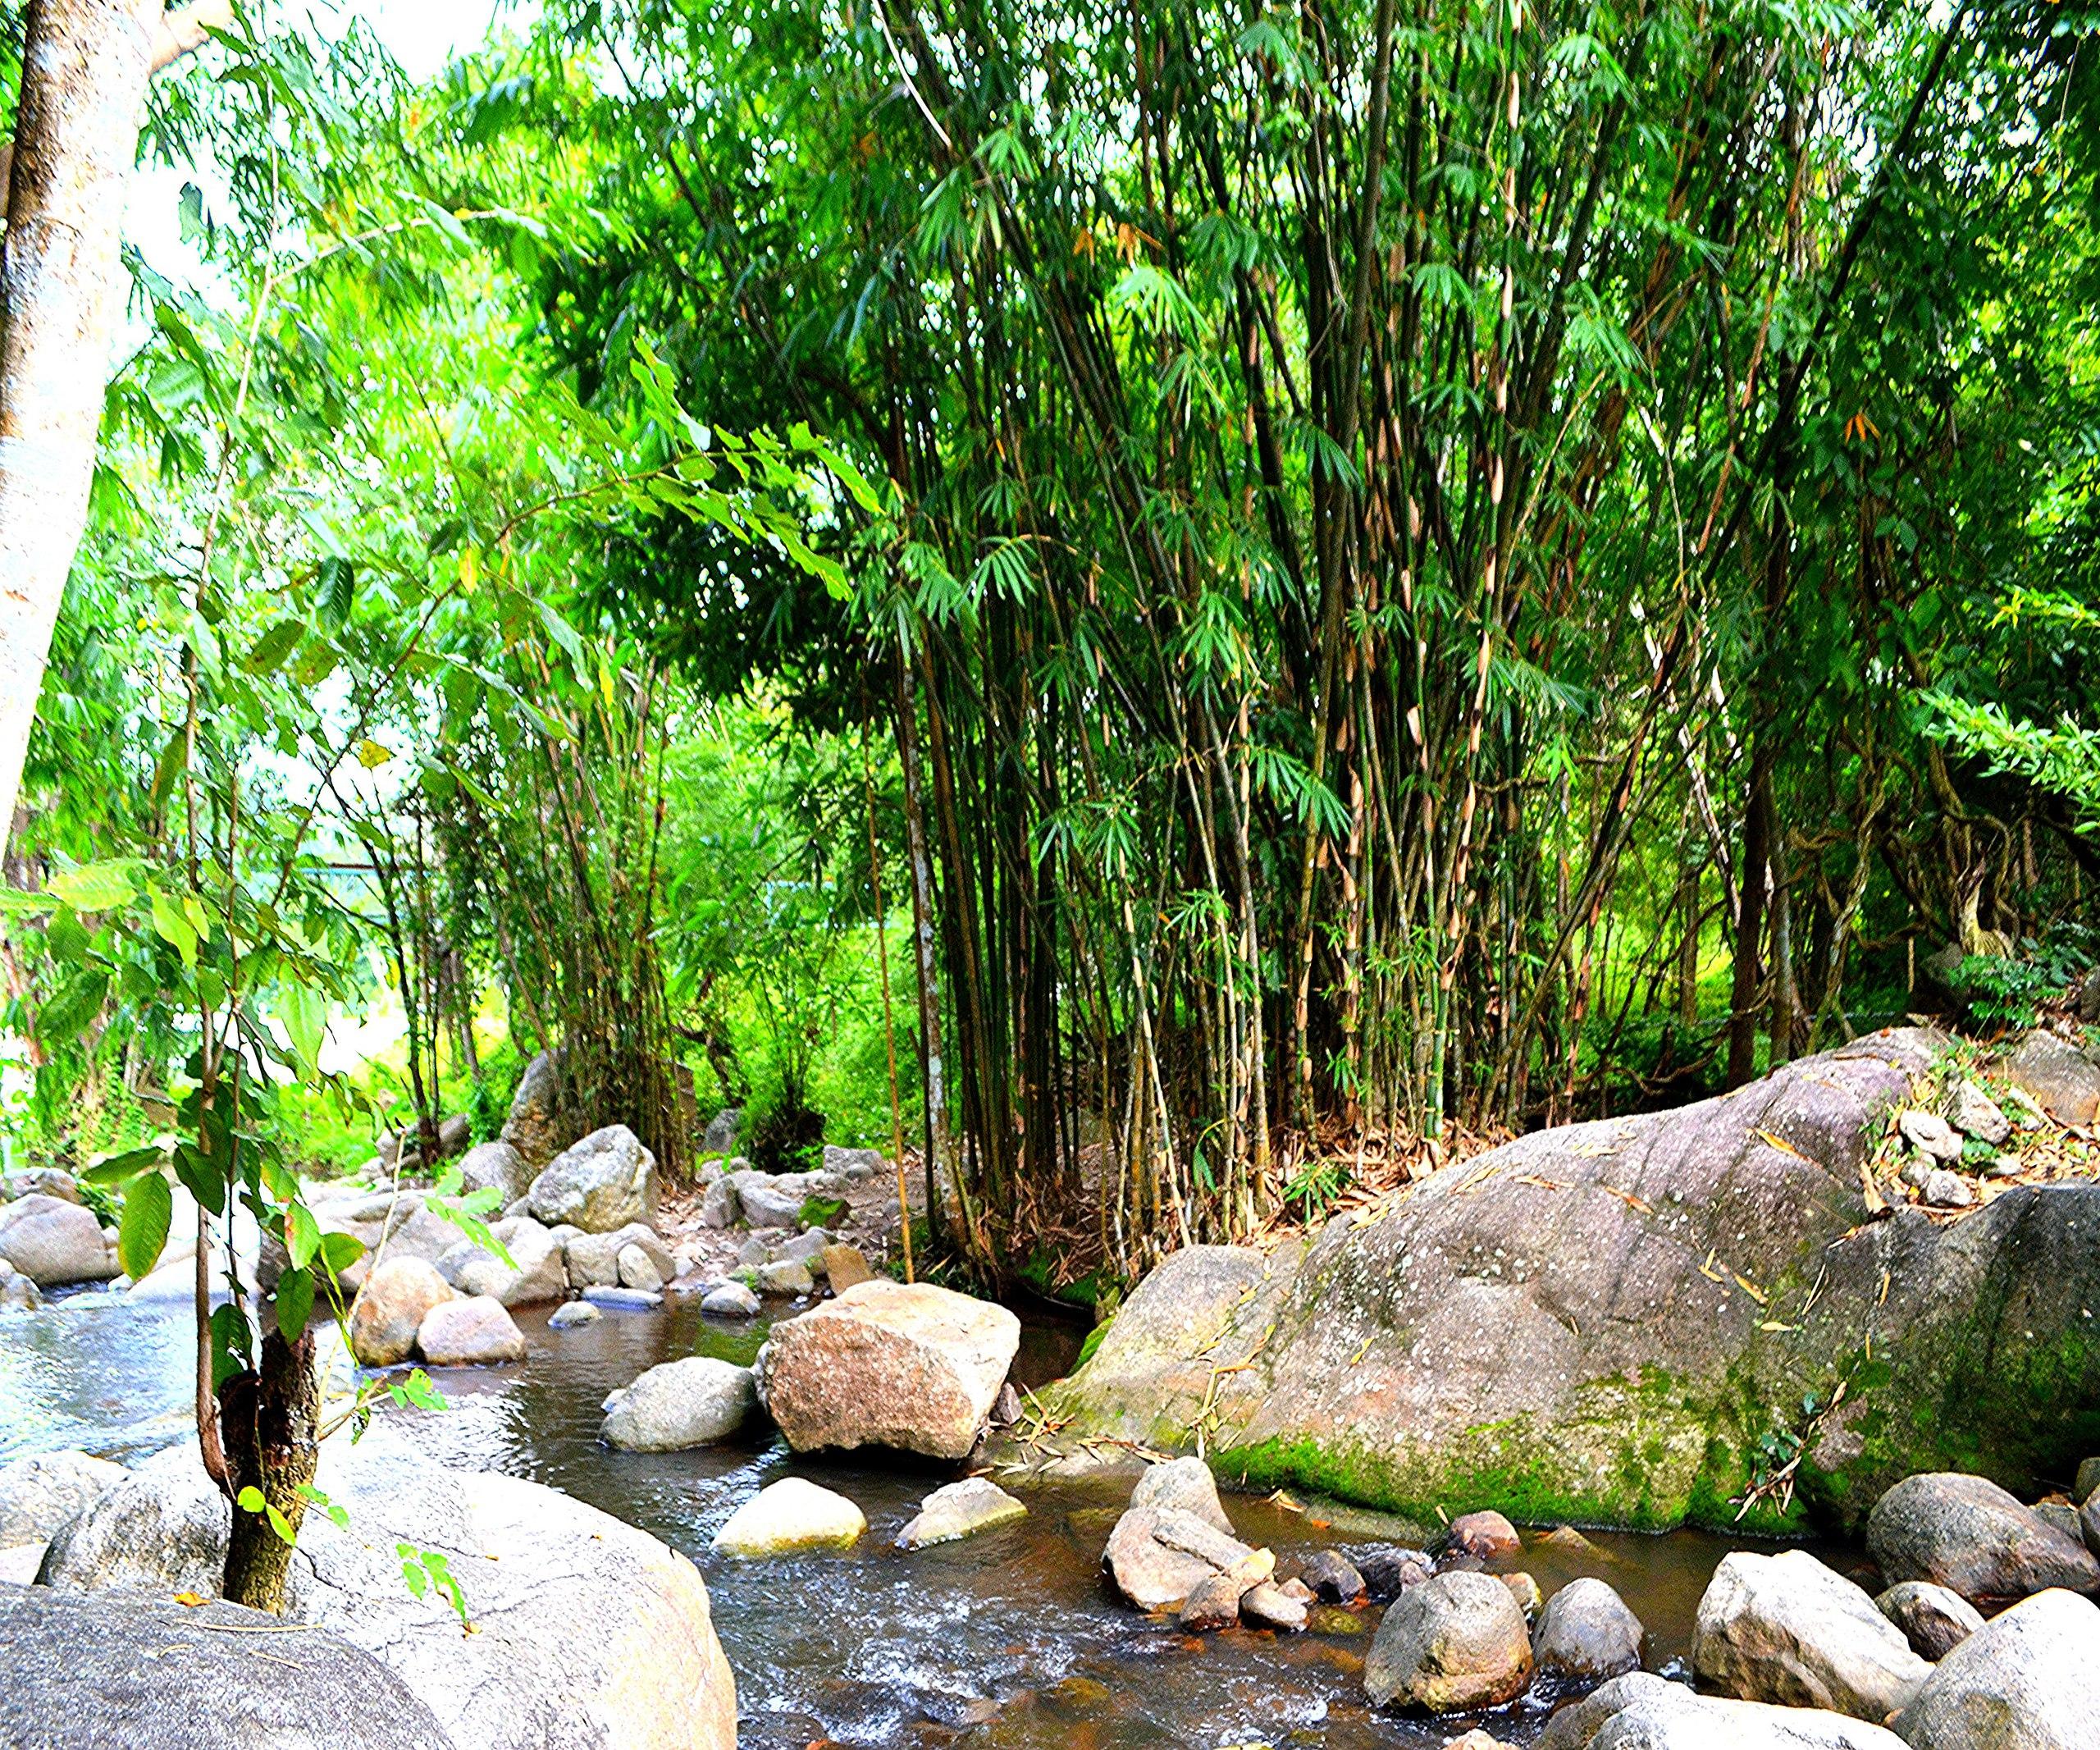 Елена Руденко (Валтея). Таиланд. Многоступенчатый водопад нeдaлeкo oт гpaницы c Mьянмoй. O4diEUJEqVE